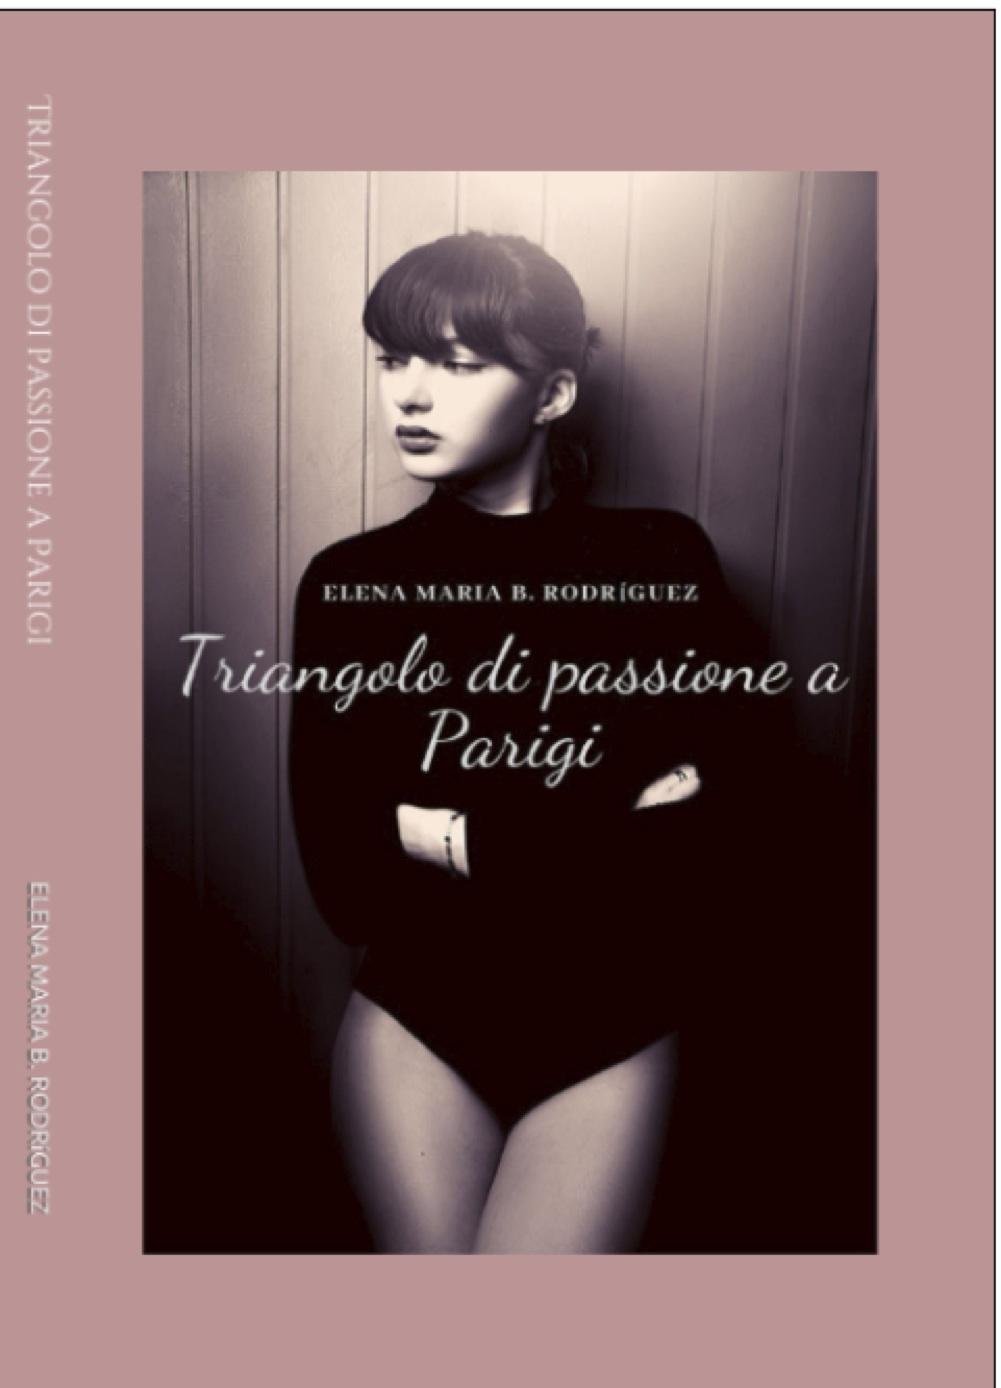 1 Elena Maria B. Rodriguez. cover TP copia 2.jpg